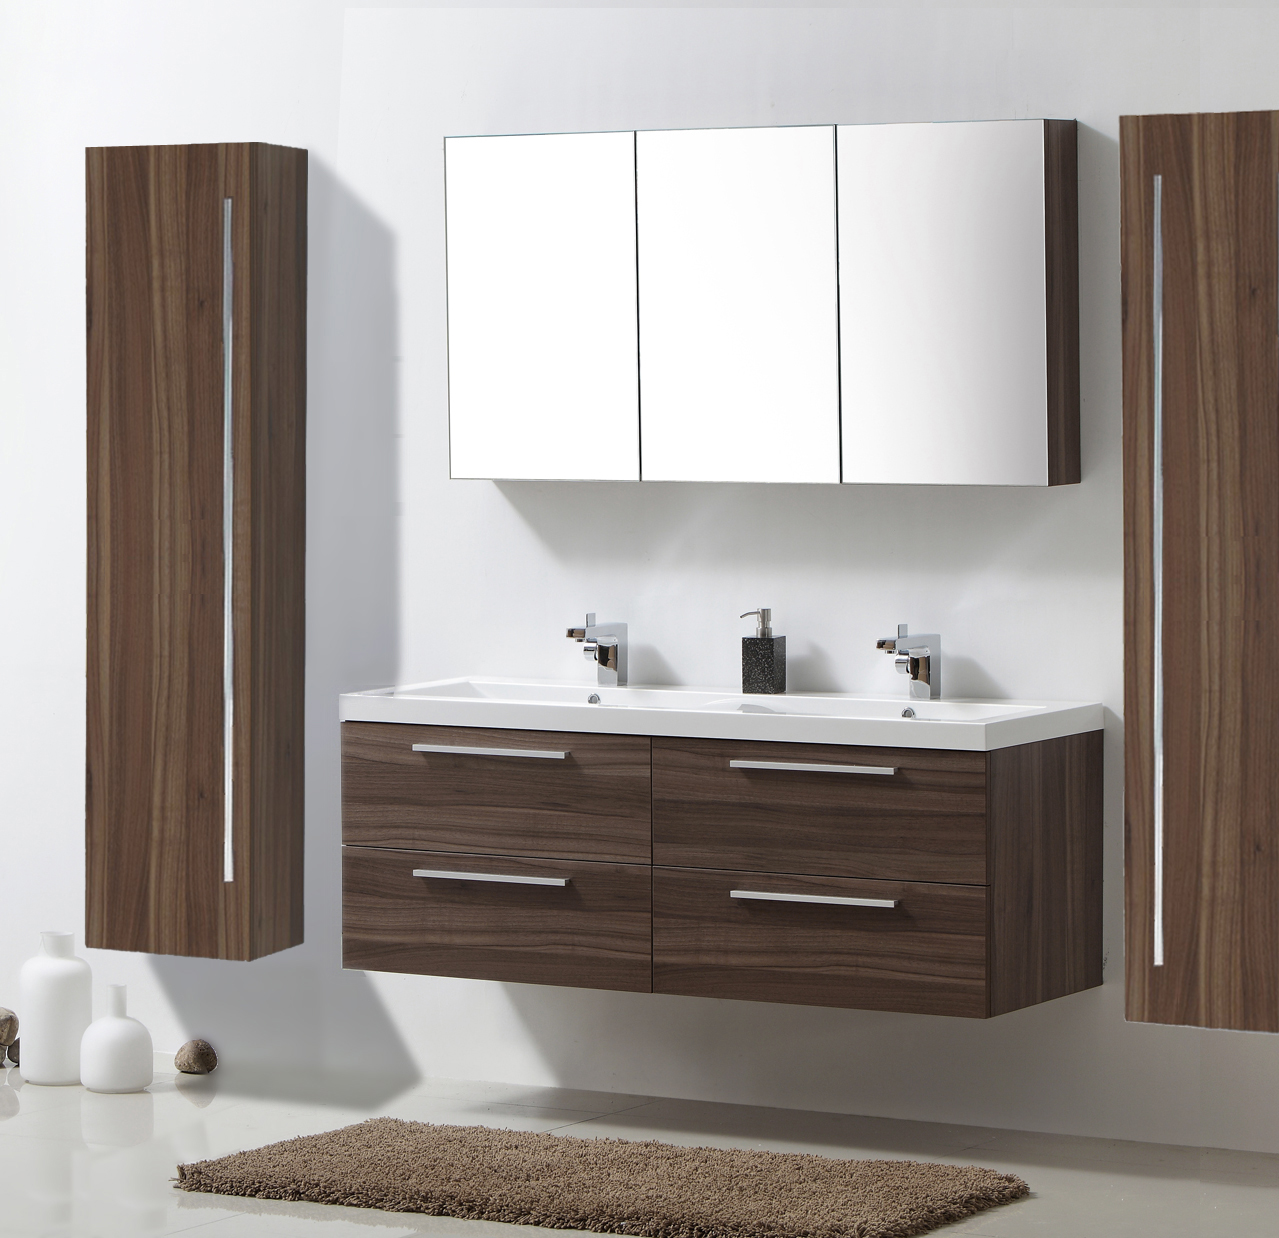 Badezimmermöbel doppelwaschbecken  Badmöbelset Doppelwaschbecken Waschtisch Badezimmermöbel ...